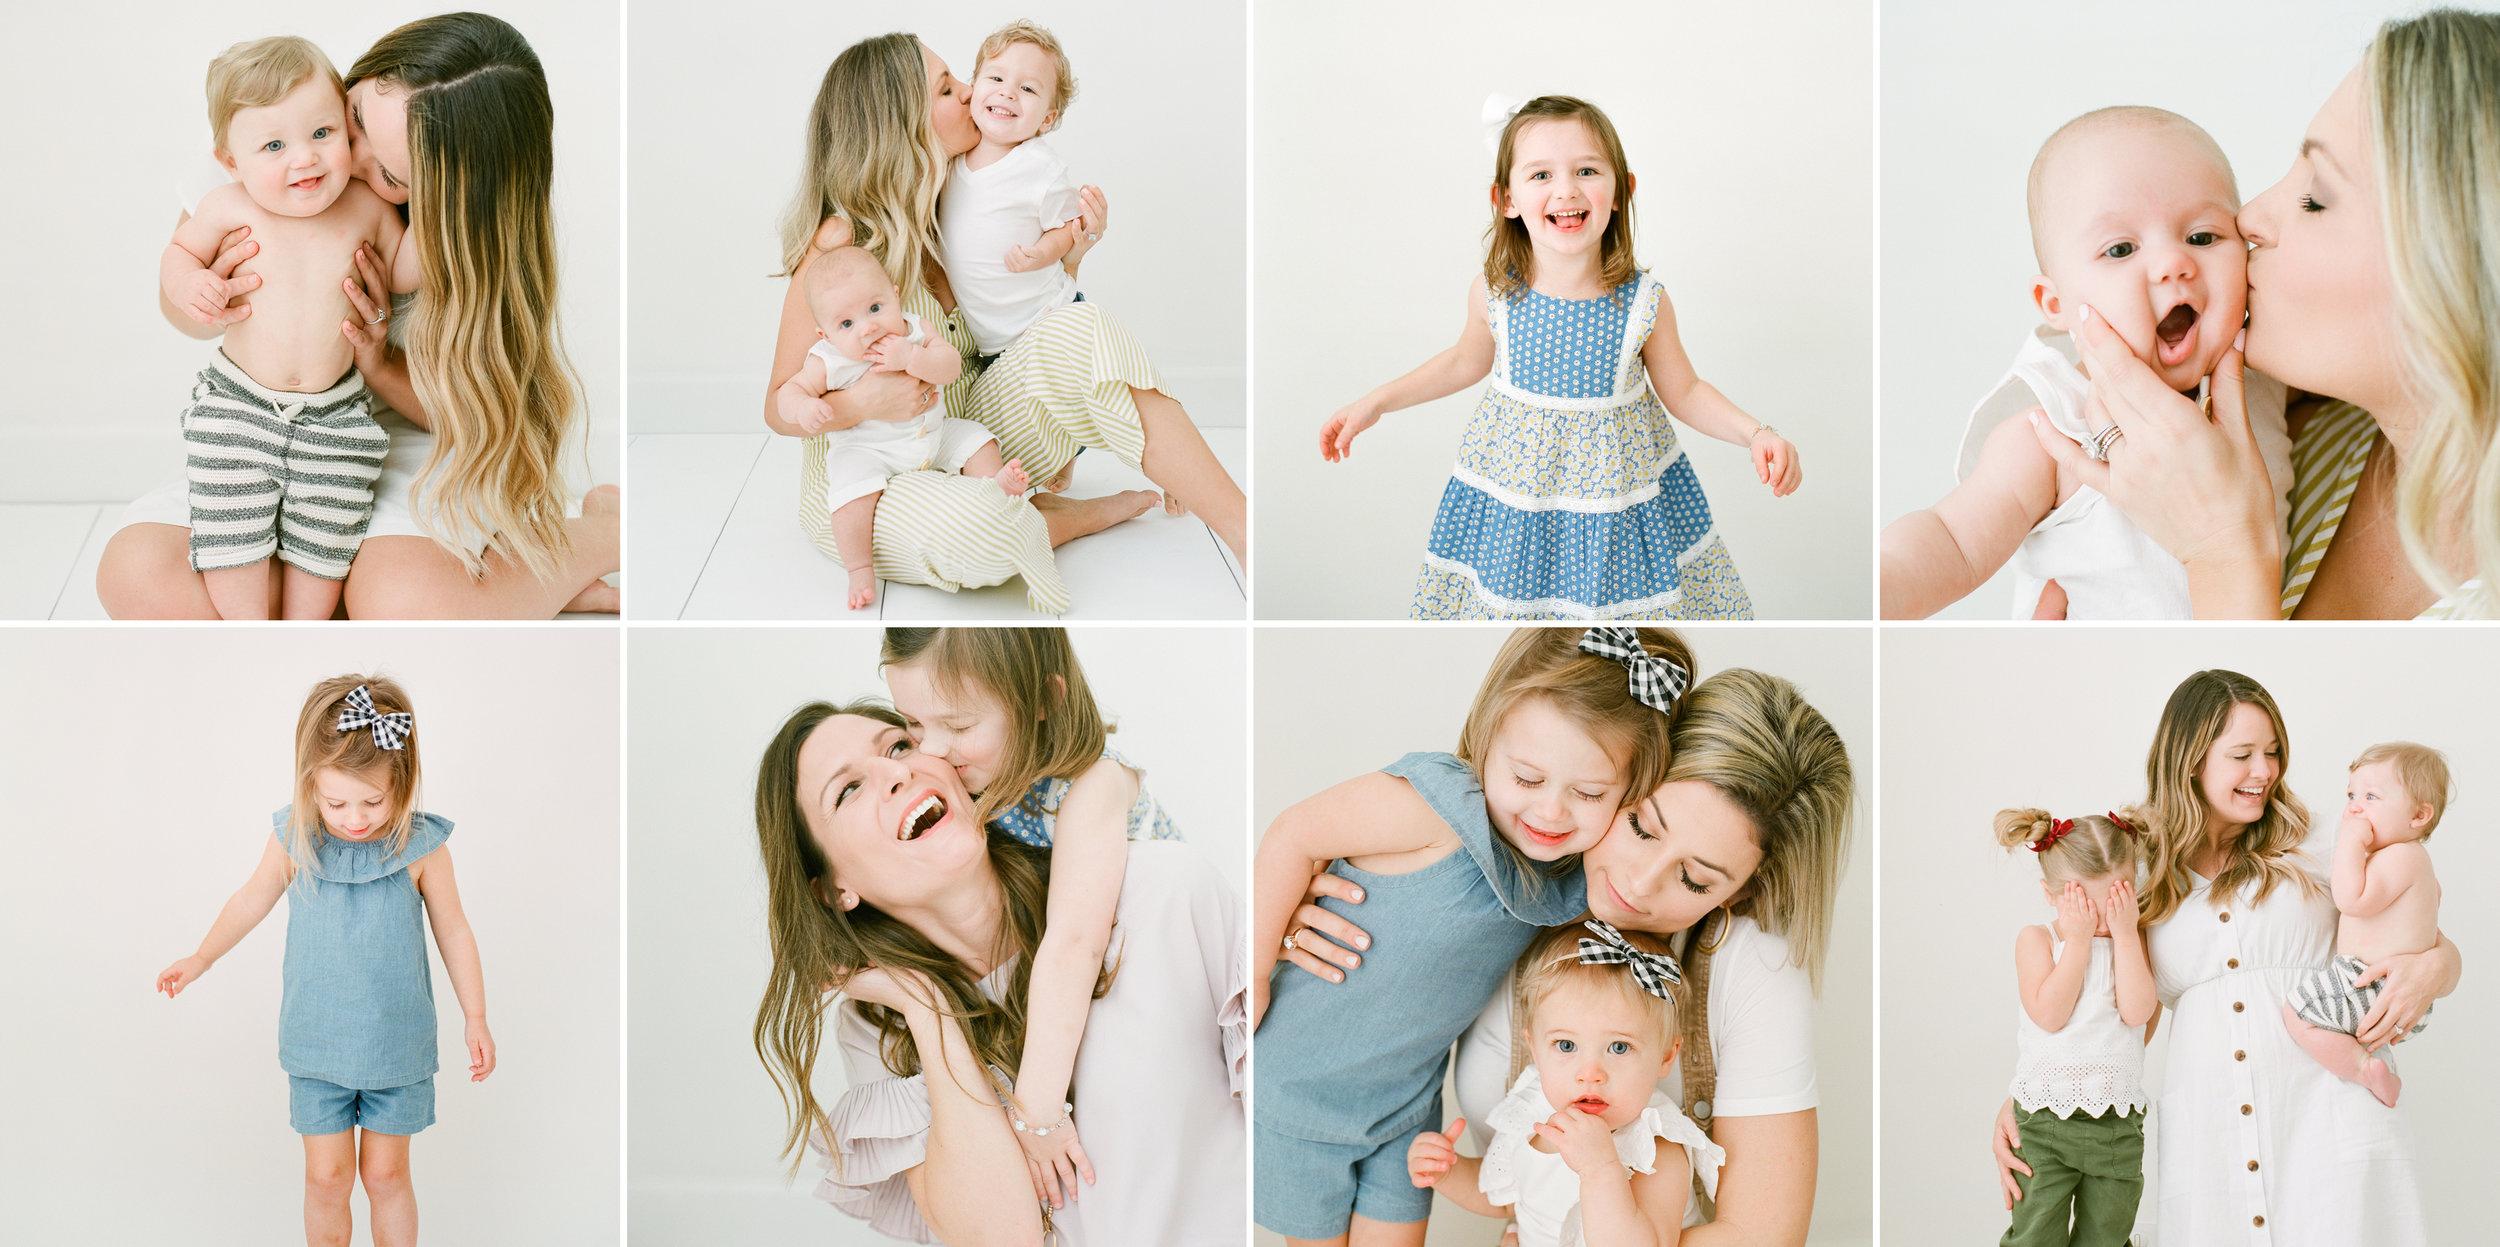 raleigh-studio-family-newborn-milestone-photographer